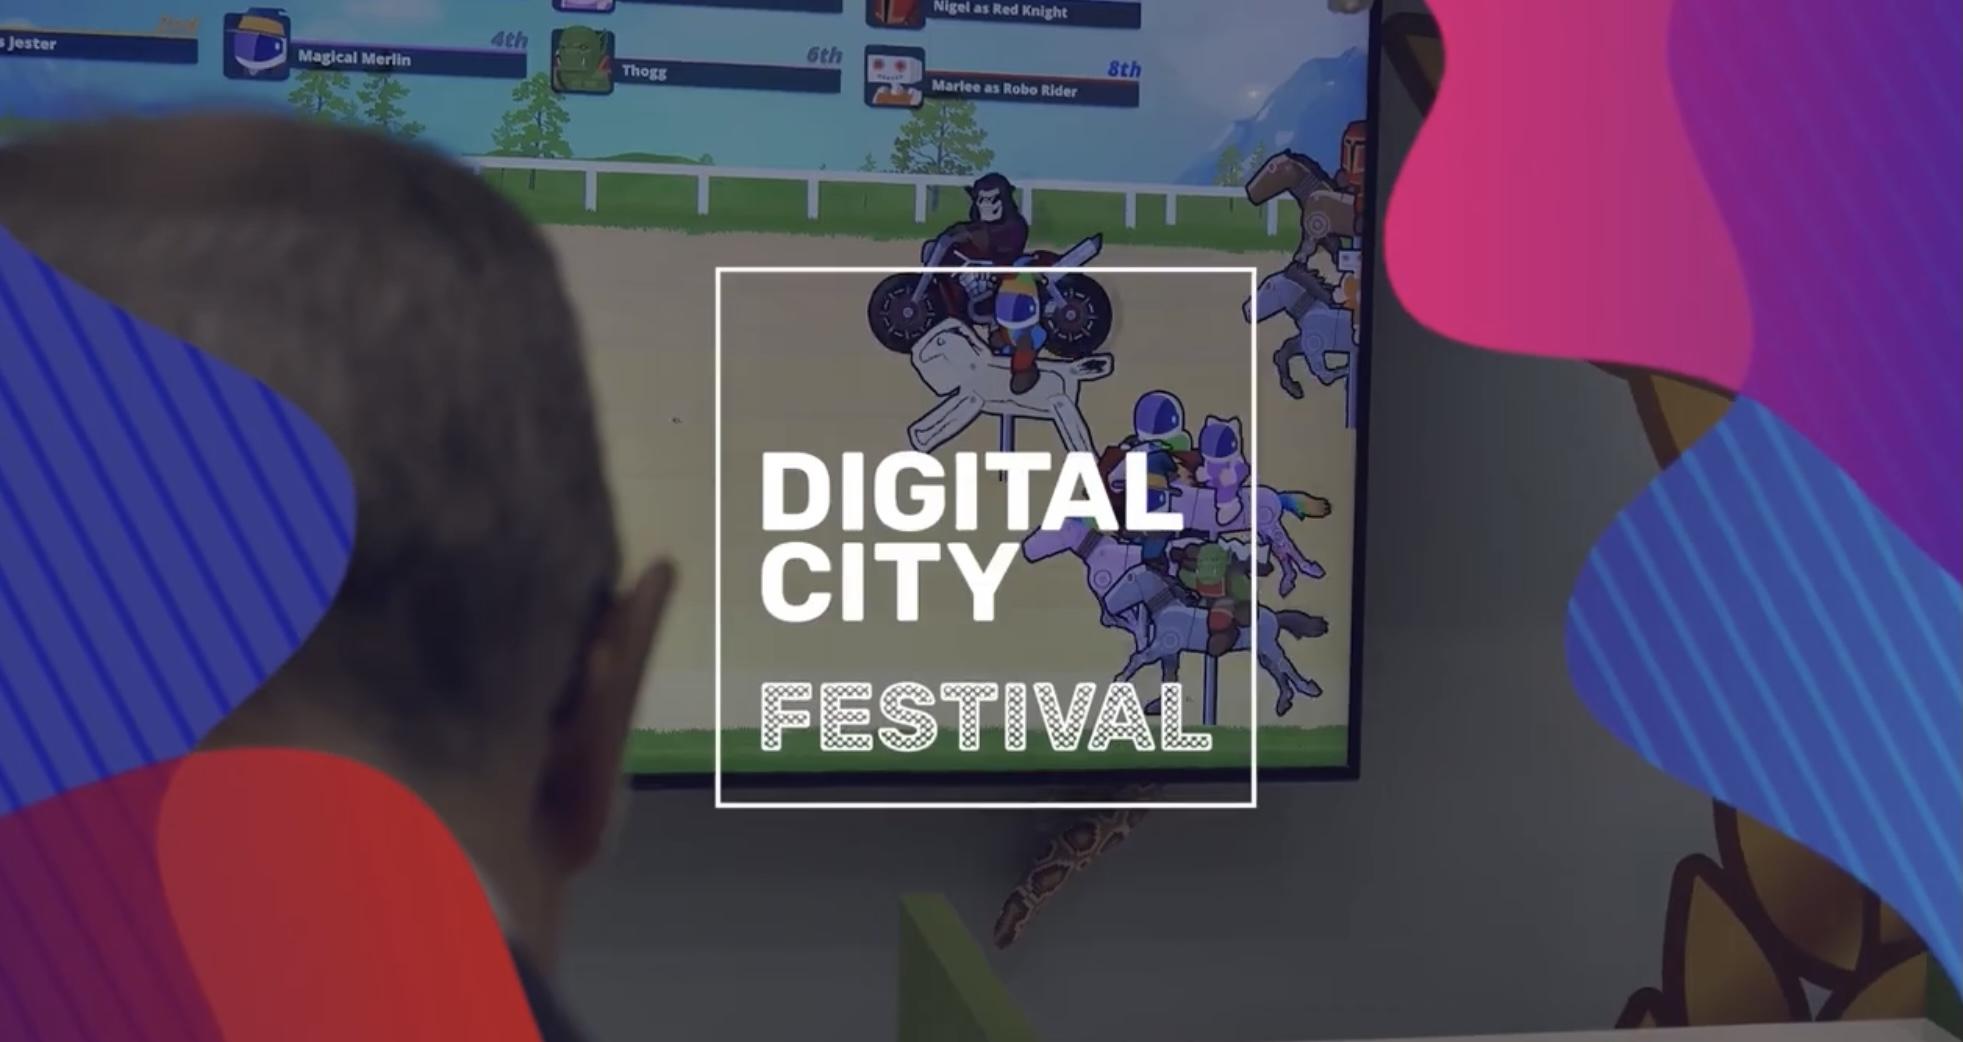 nella foto a colori si vede il logo del Digital City Festival, con questa scritta all'interno di un quadrato, e una persona che, girata di spalle, tra guardando un gioco elettronico